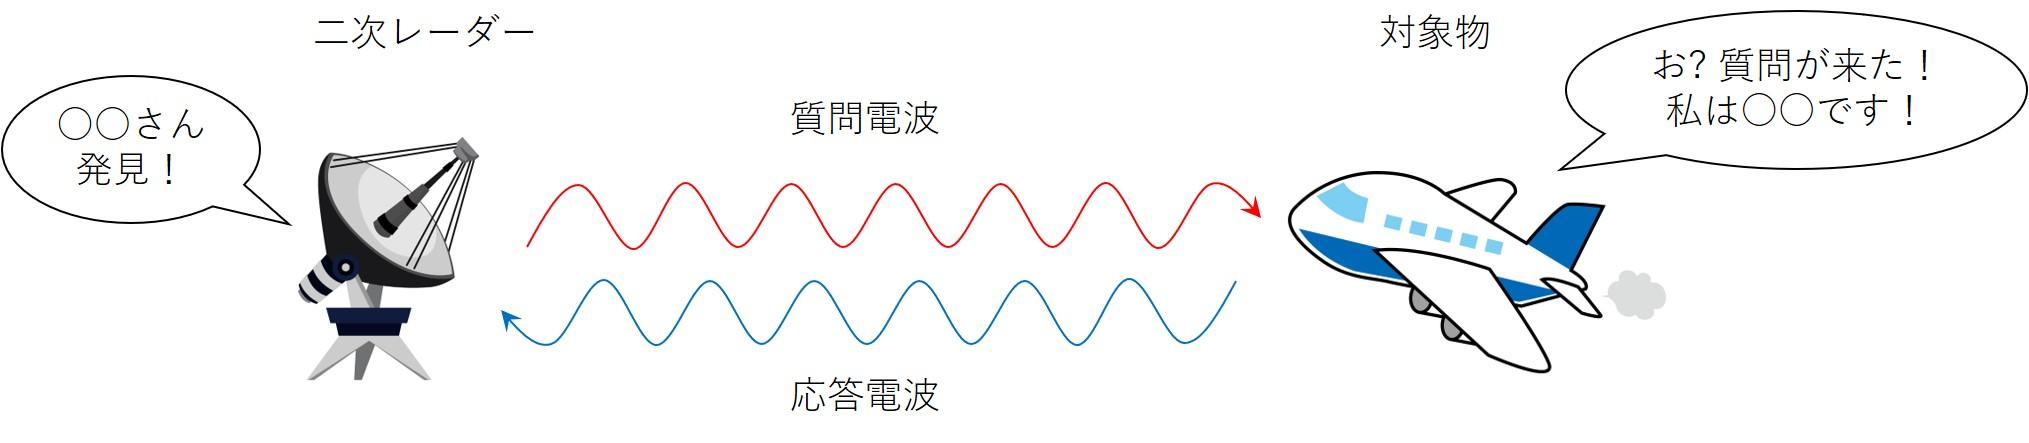 二次レーダーのイメージ